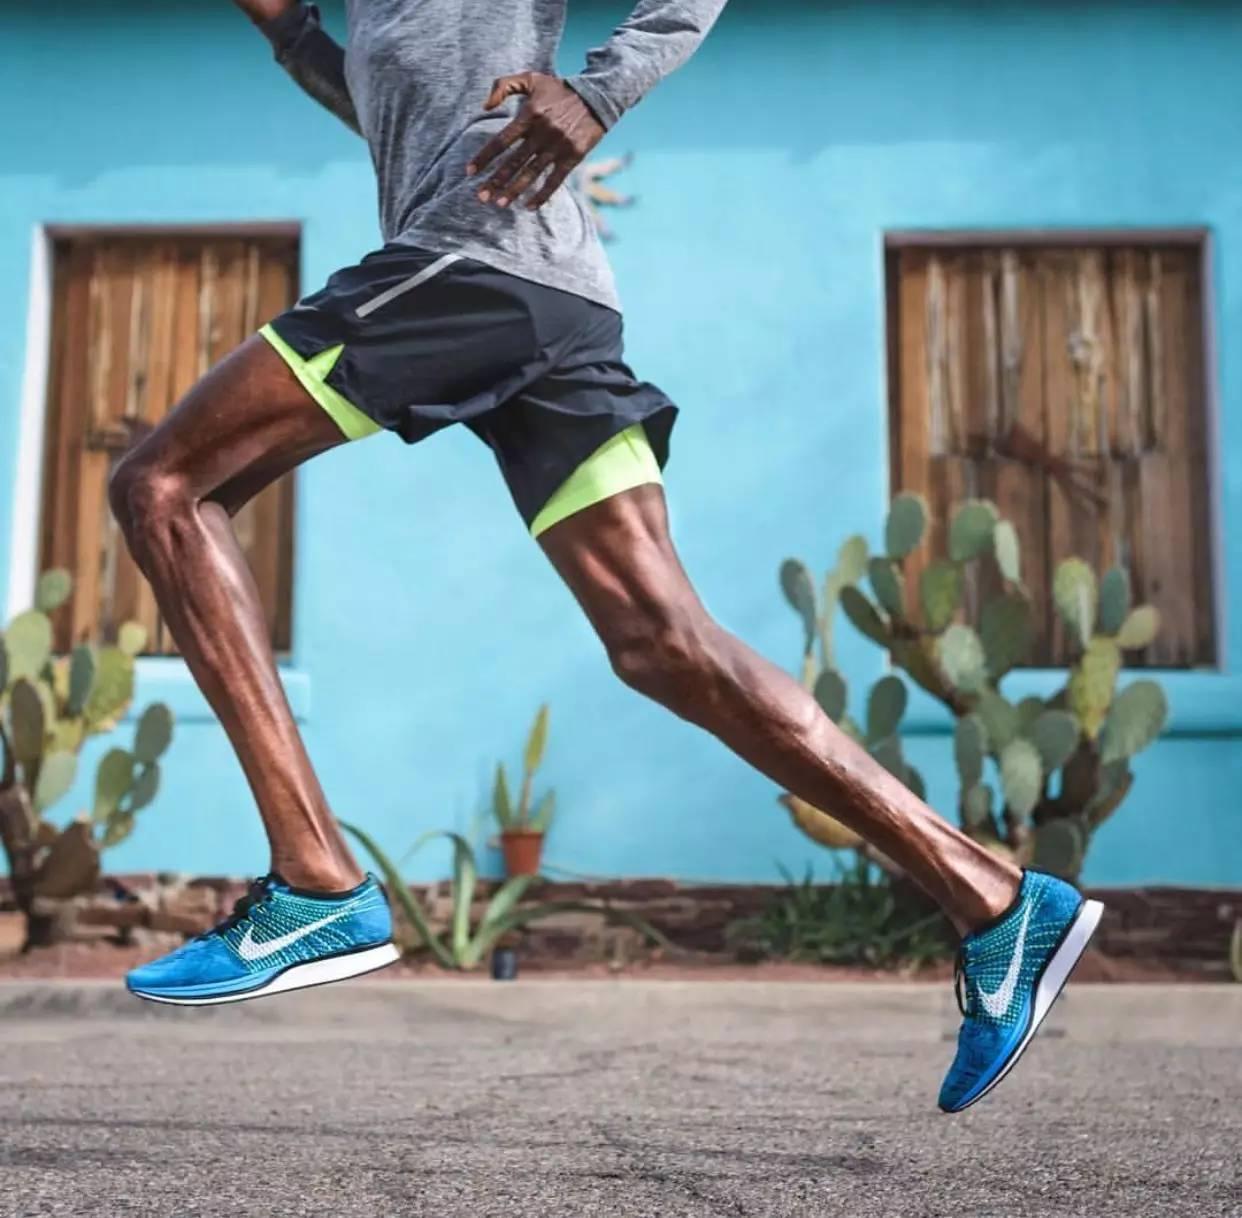 【组图】【精选】跑后放松专业版,做拉伸时膝